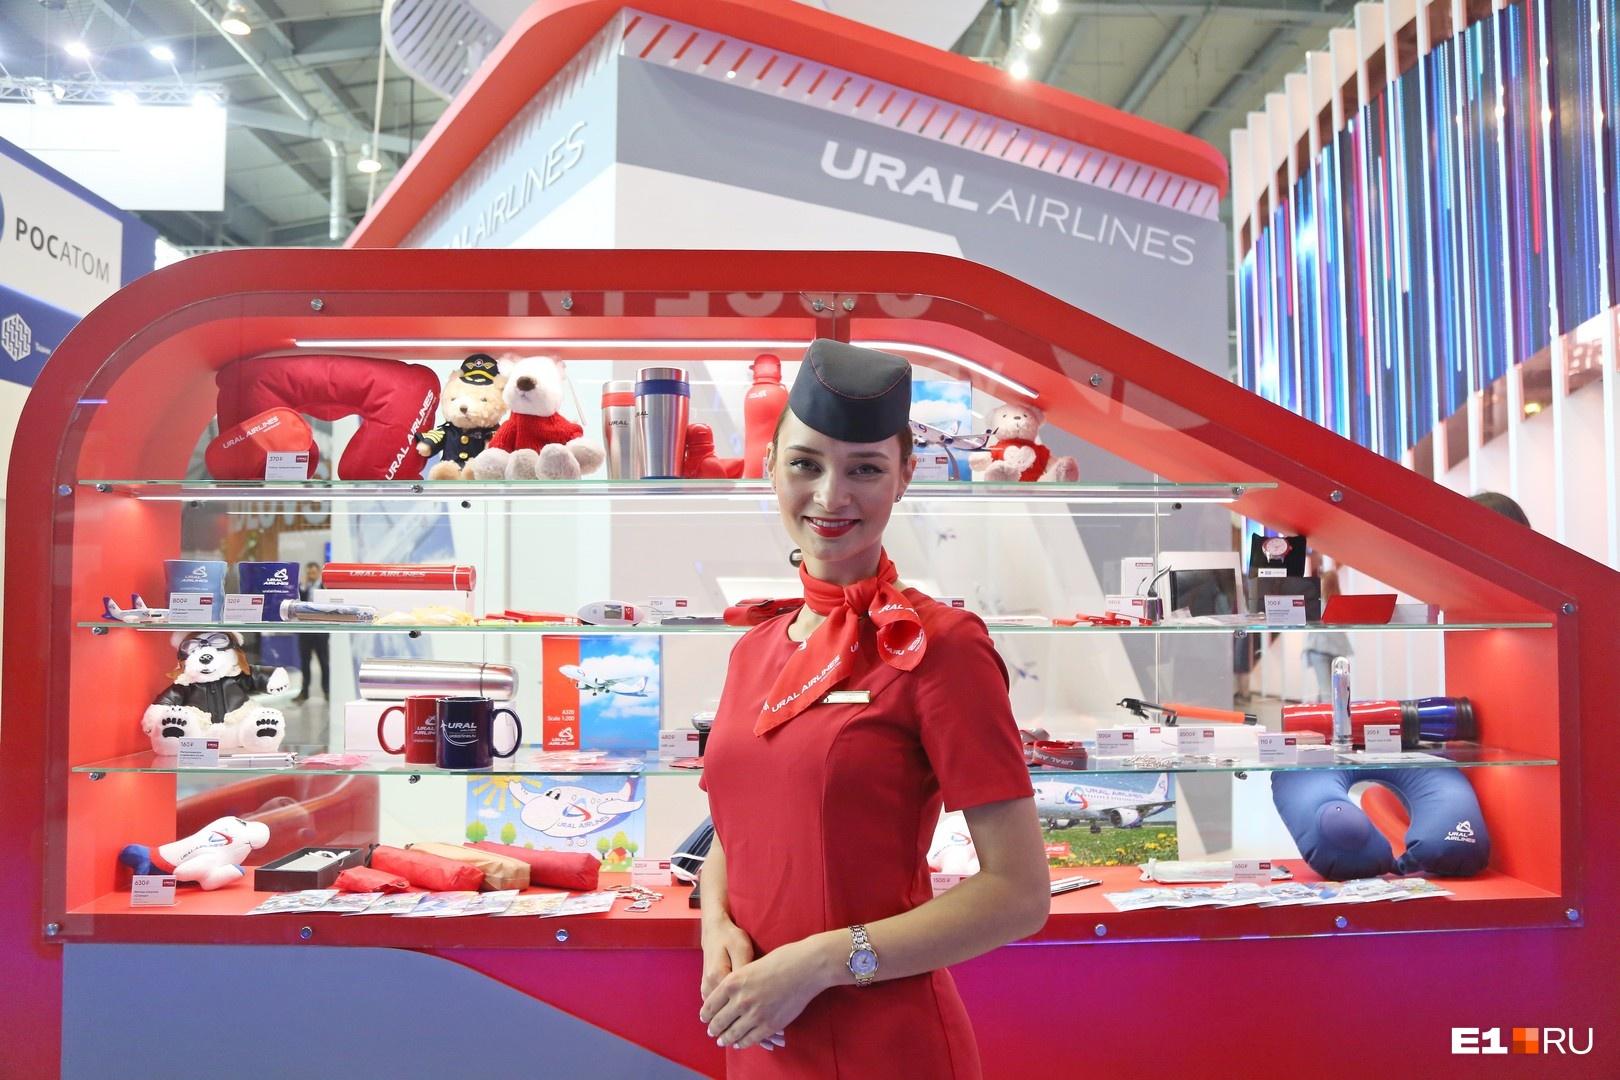 Начать экскурсию стоит со стенда «Уральских авиалиний». Здесь можно получить в подарок надувные игрушки и присмотреть симпатичную подушку для сна в самолете перед отпуском